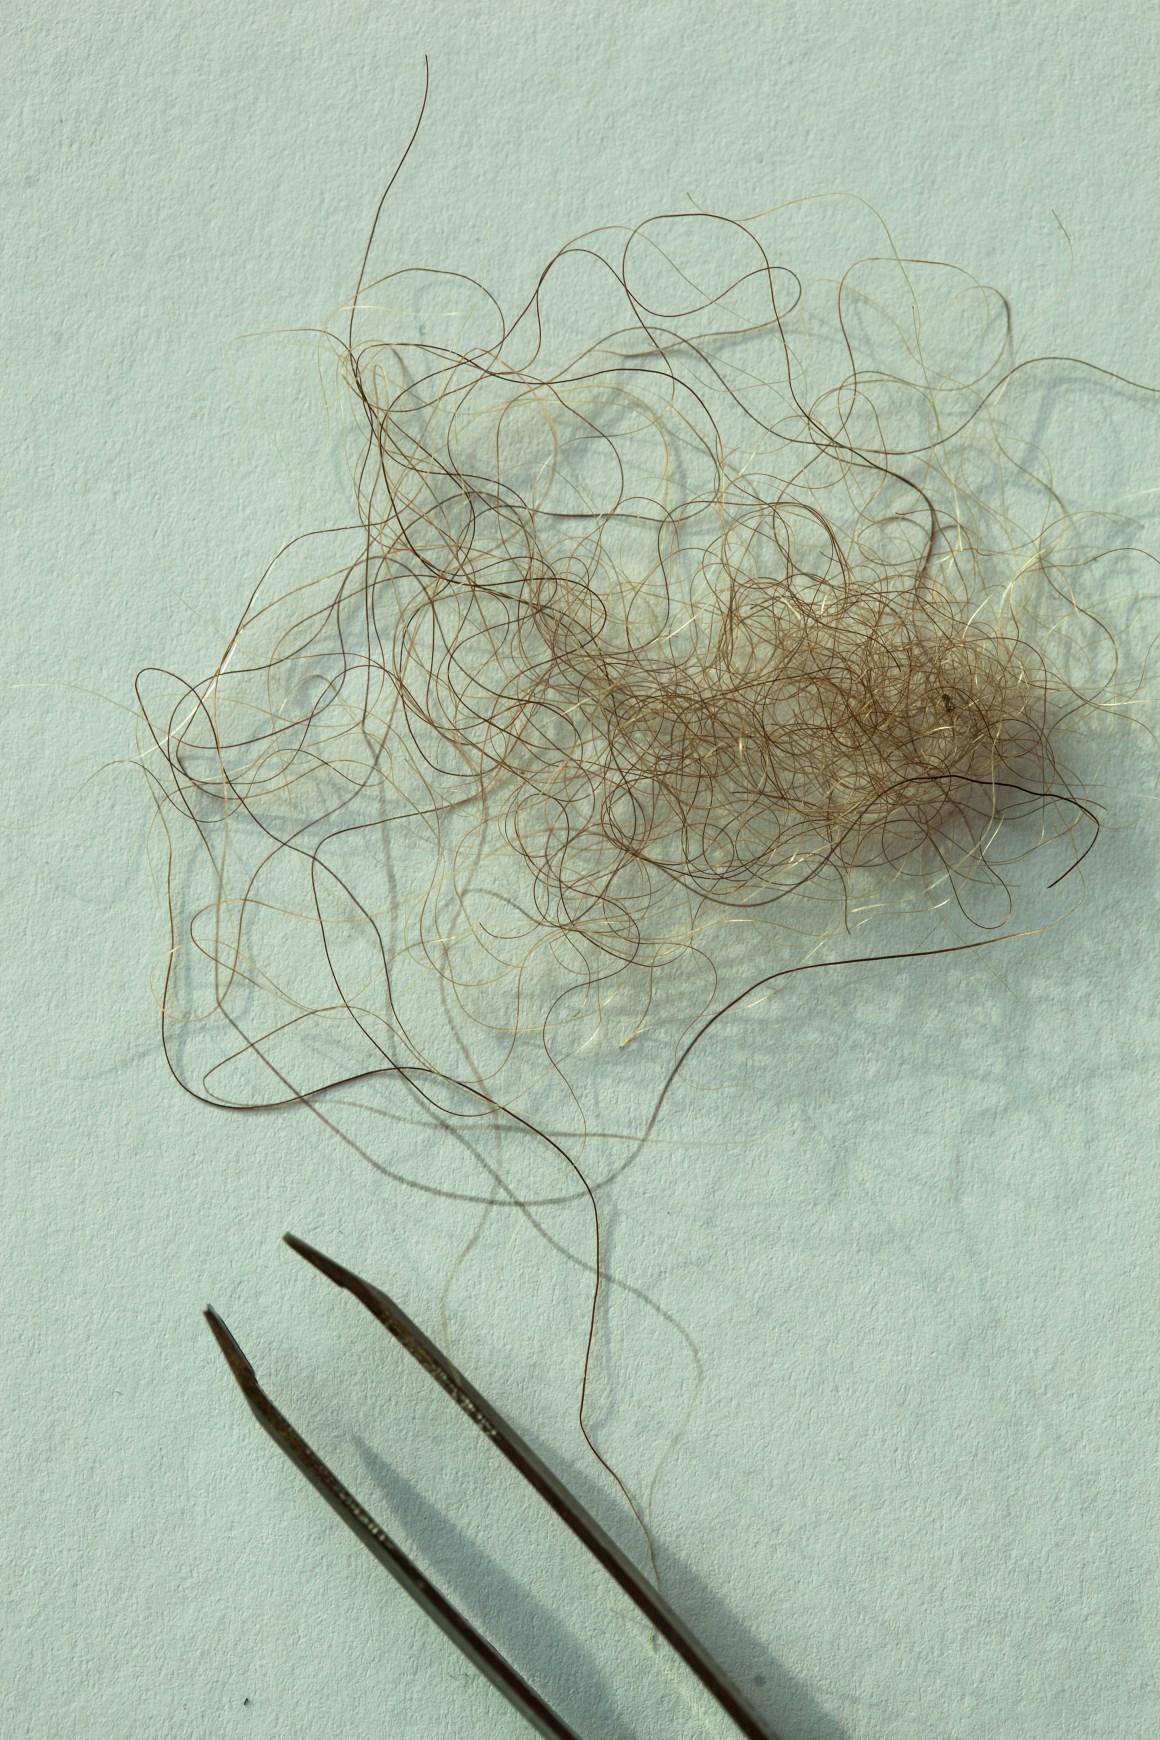 Hårprøve fra en påstått yeti i Nepal. Prøven viste seg å være fra en tibetansk brunbjørn.